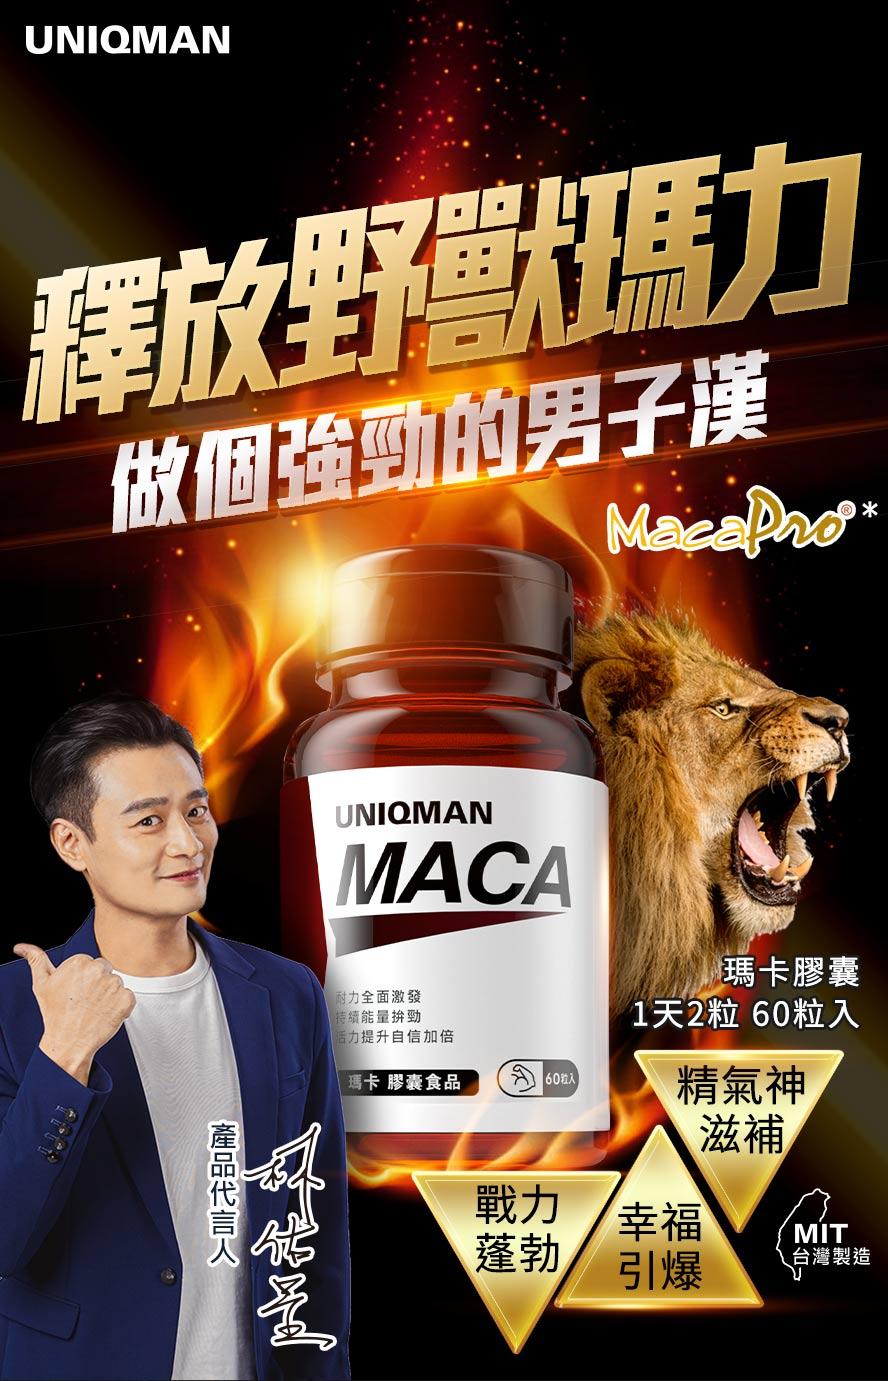 UNIQMAN瑪卡可以迅速補充男人的體力,恢復精力,能讓男人更強勁